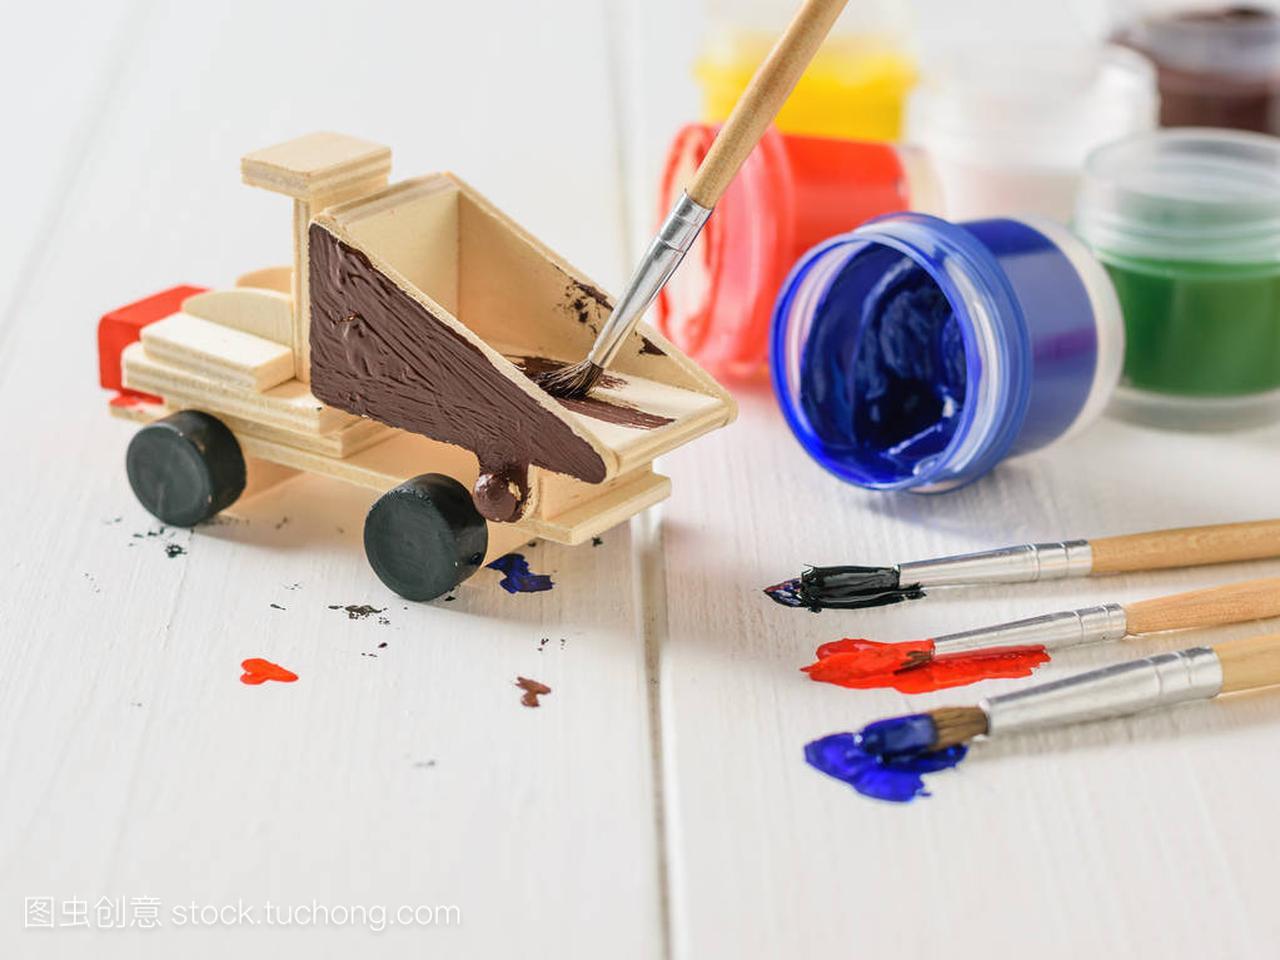 用五颜六色的过程在机器木桌上着色水彩的白色徐璐新发型图片